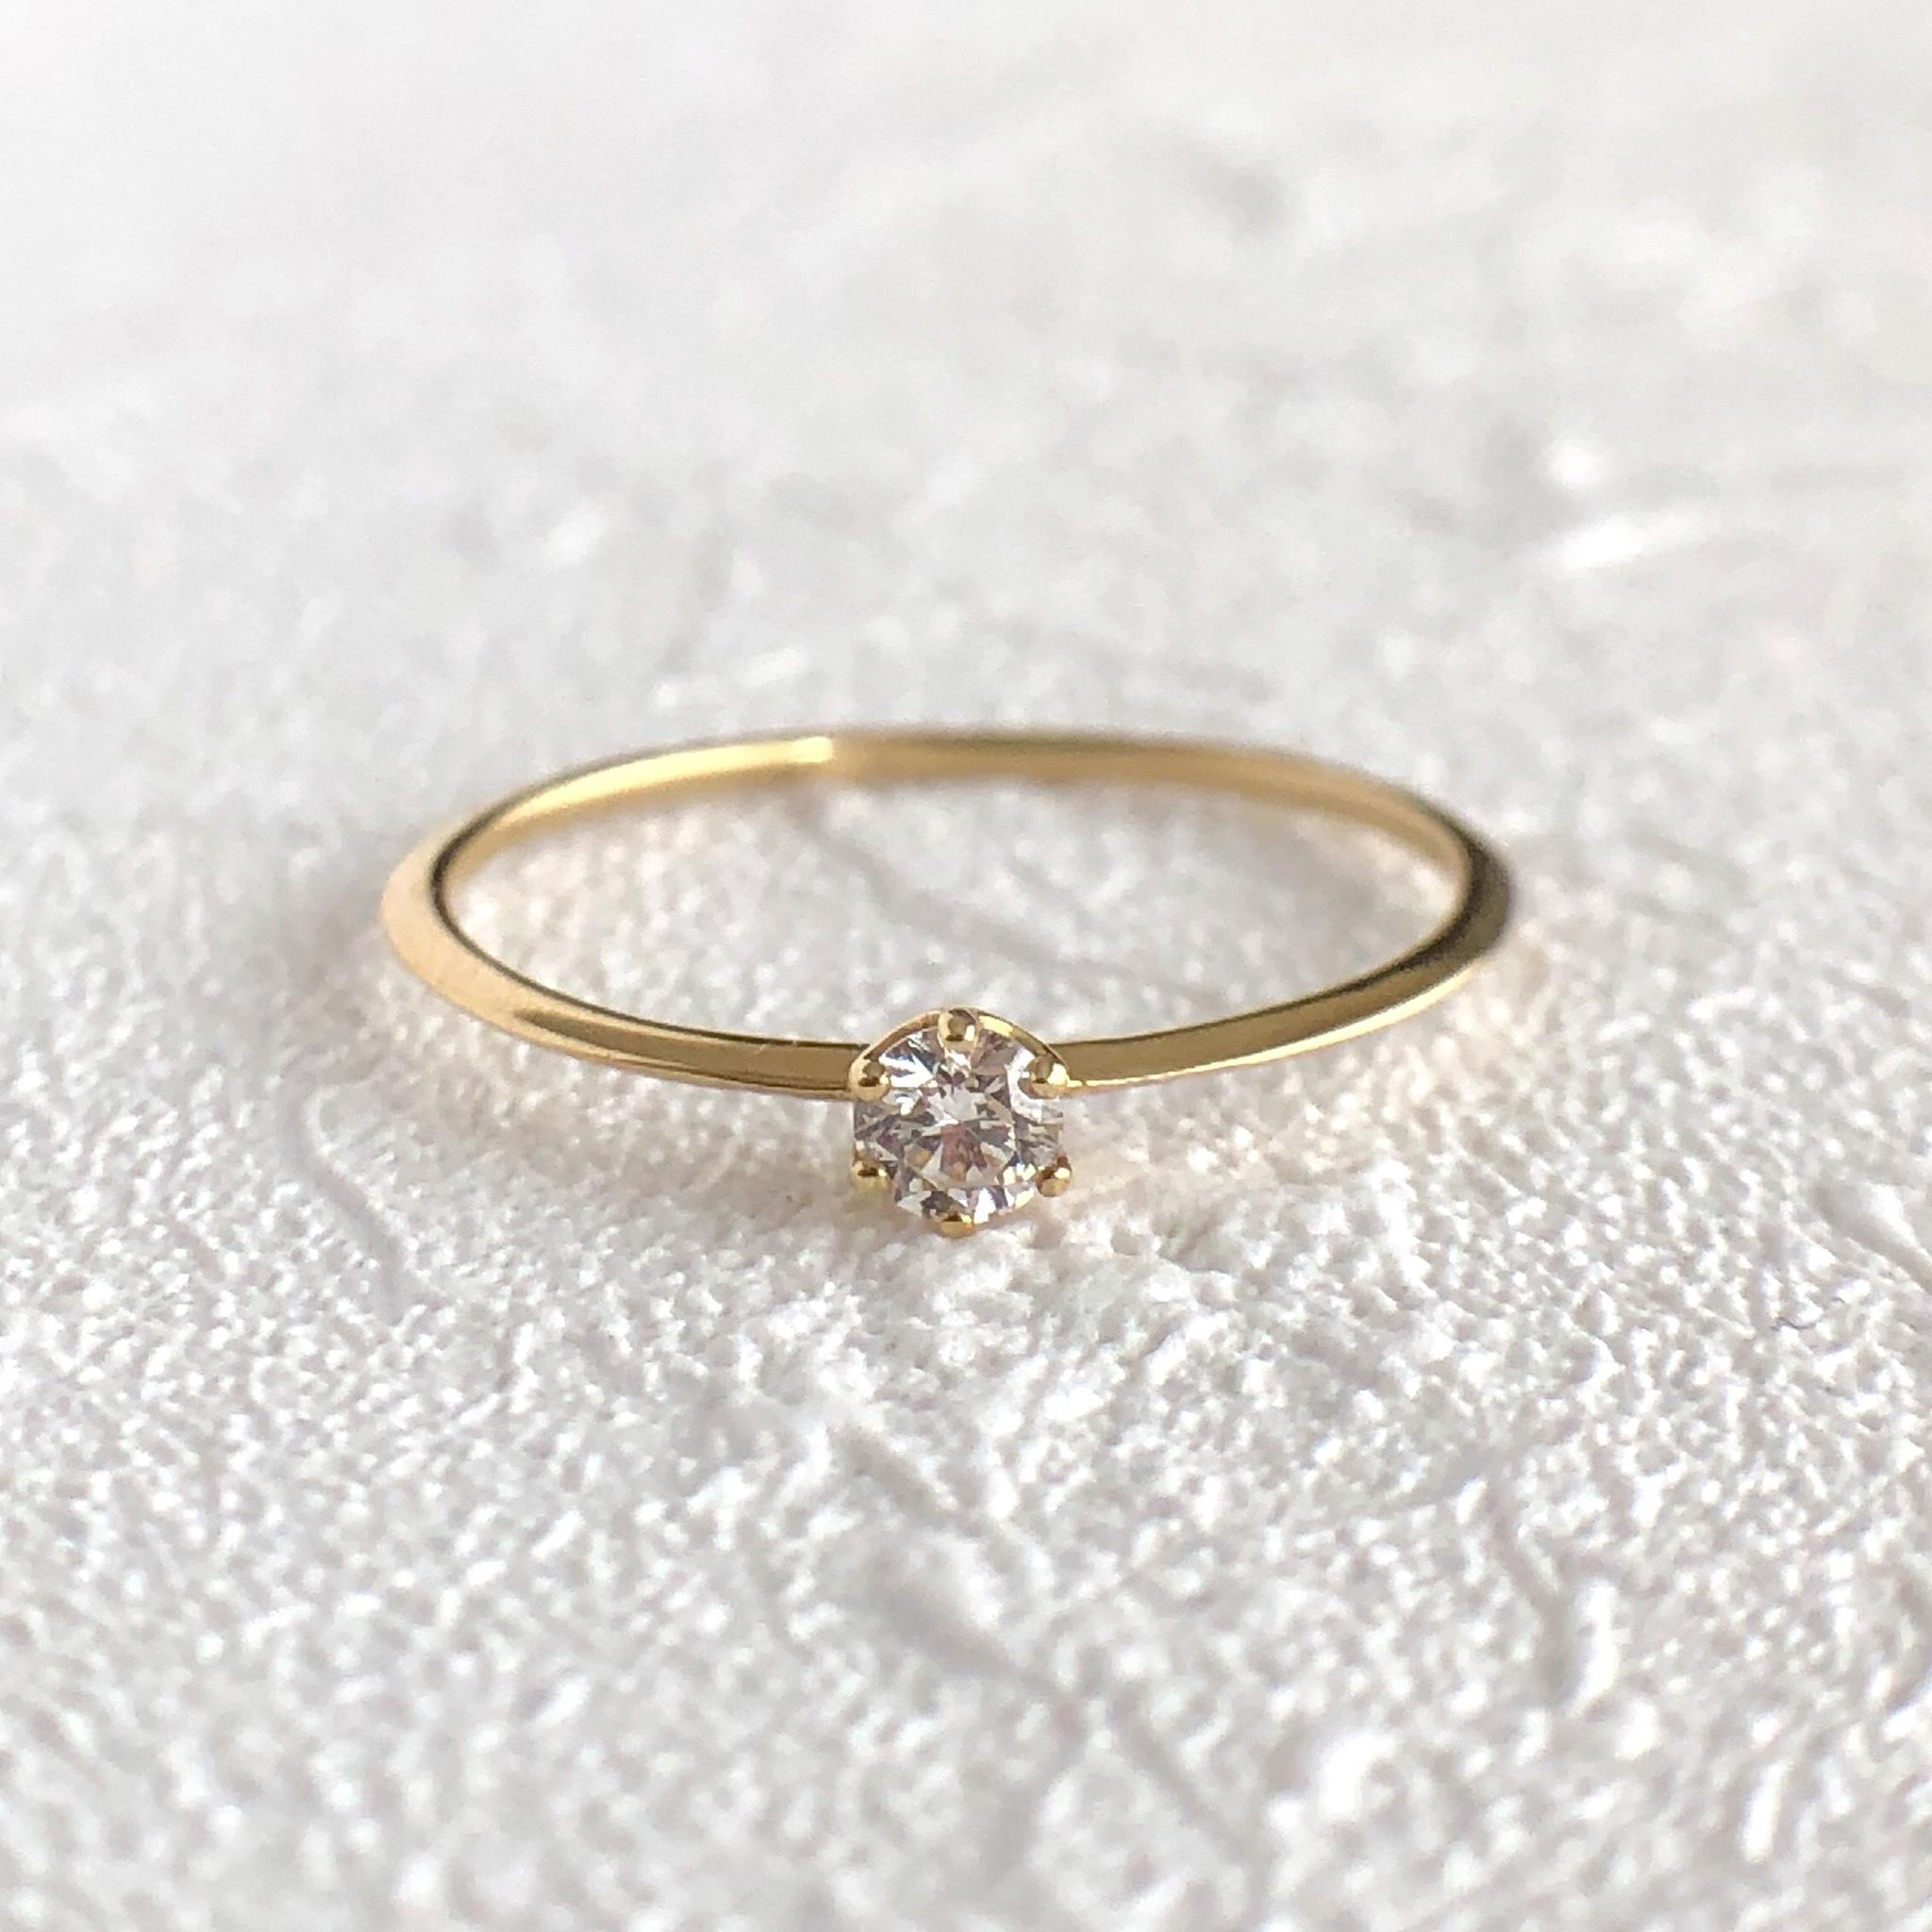 ミルククラウン ダイヤモンド  リング  0.07ct  K18イエローゴールド/ピンクゴールド チェカ 鑑別書付